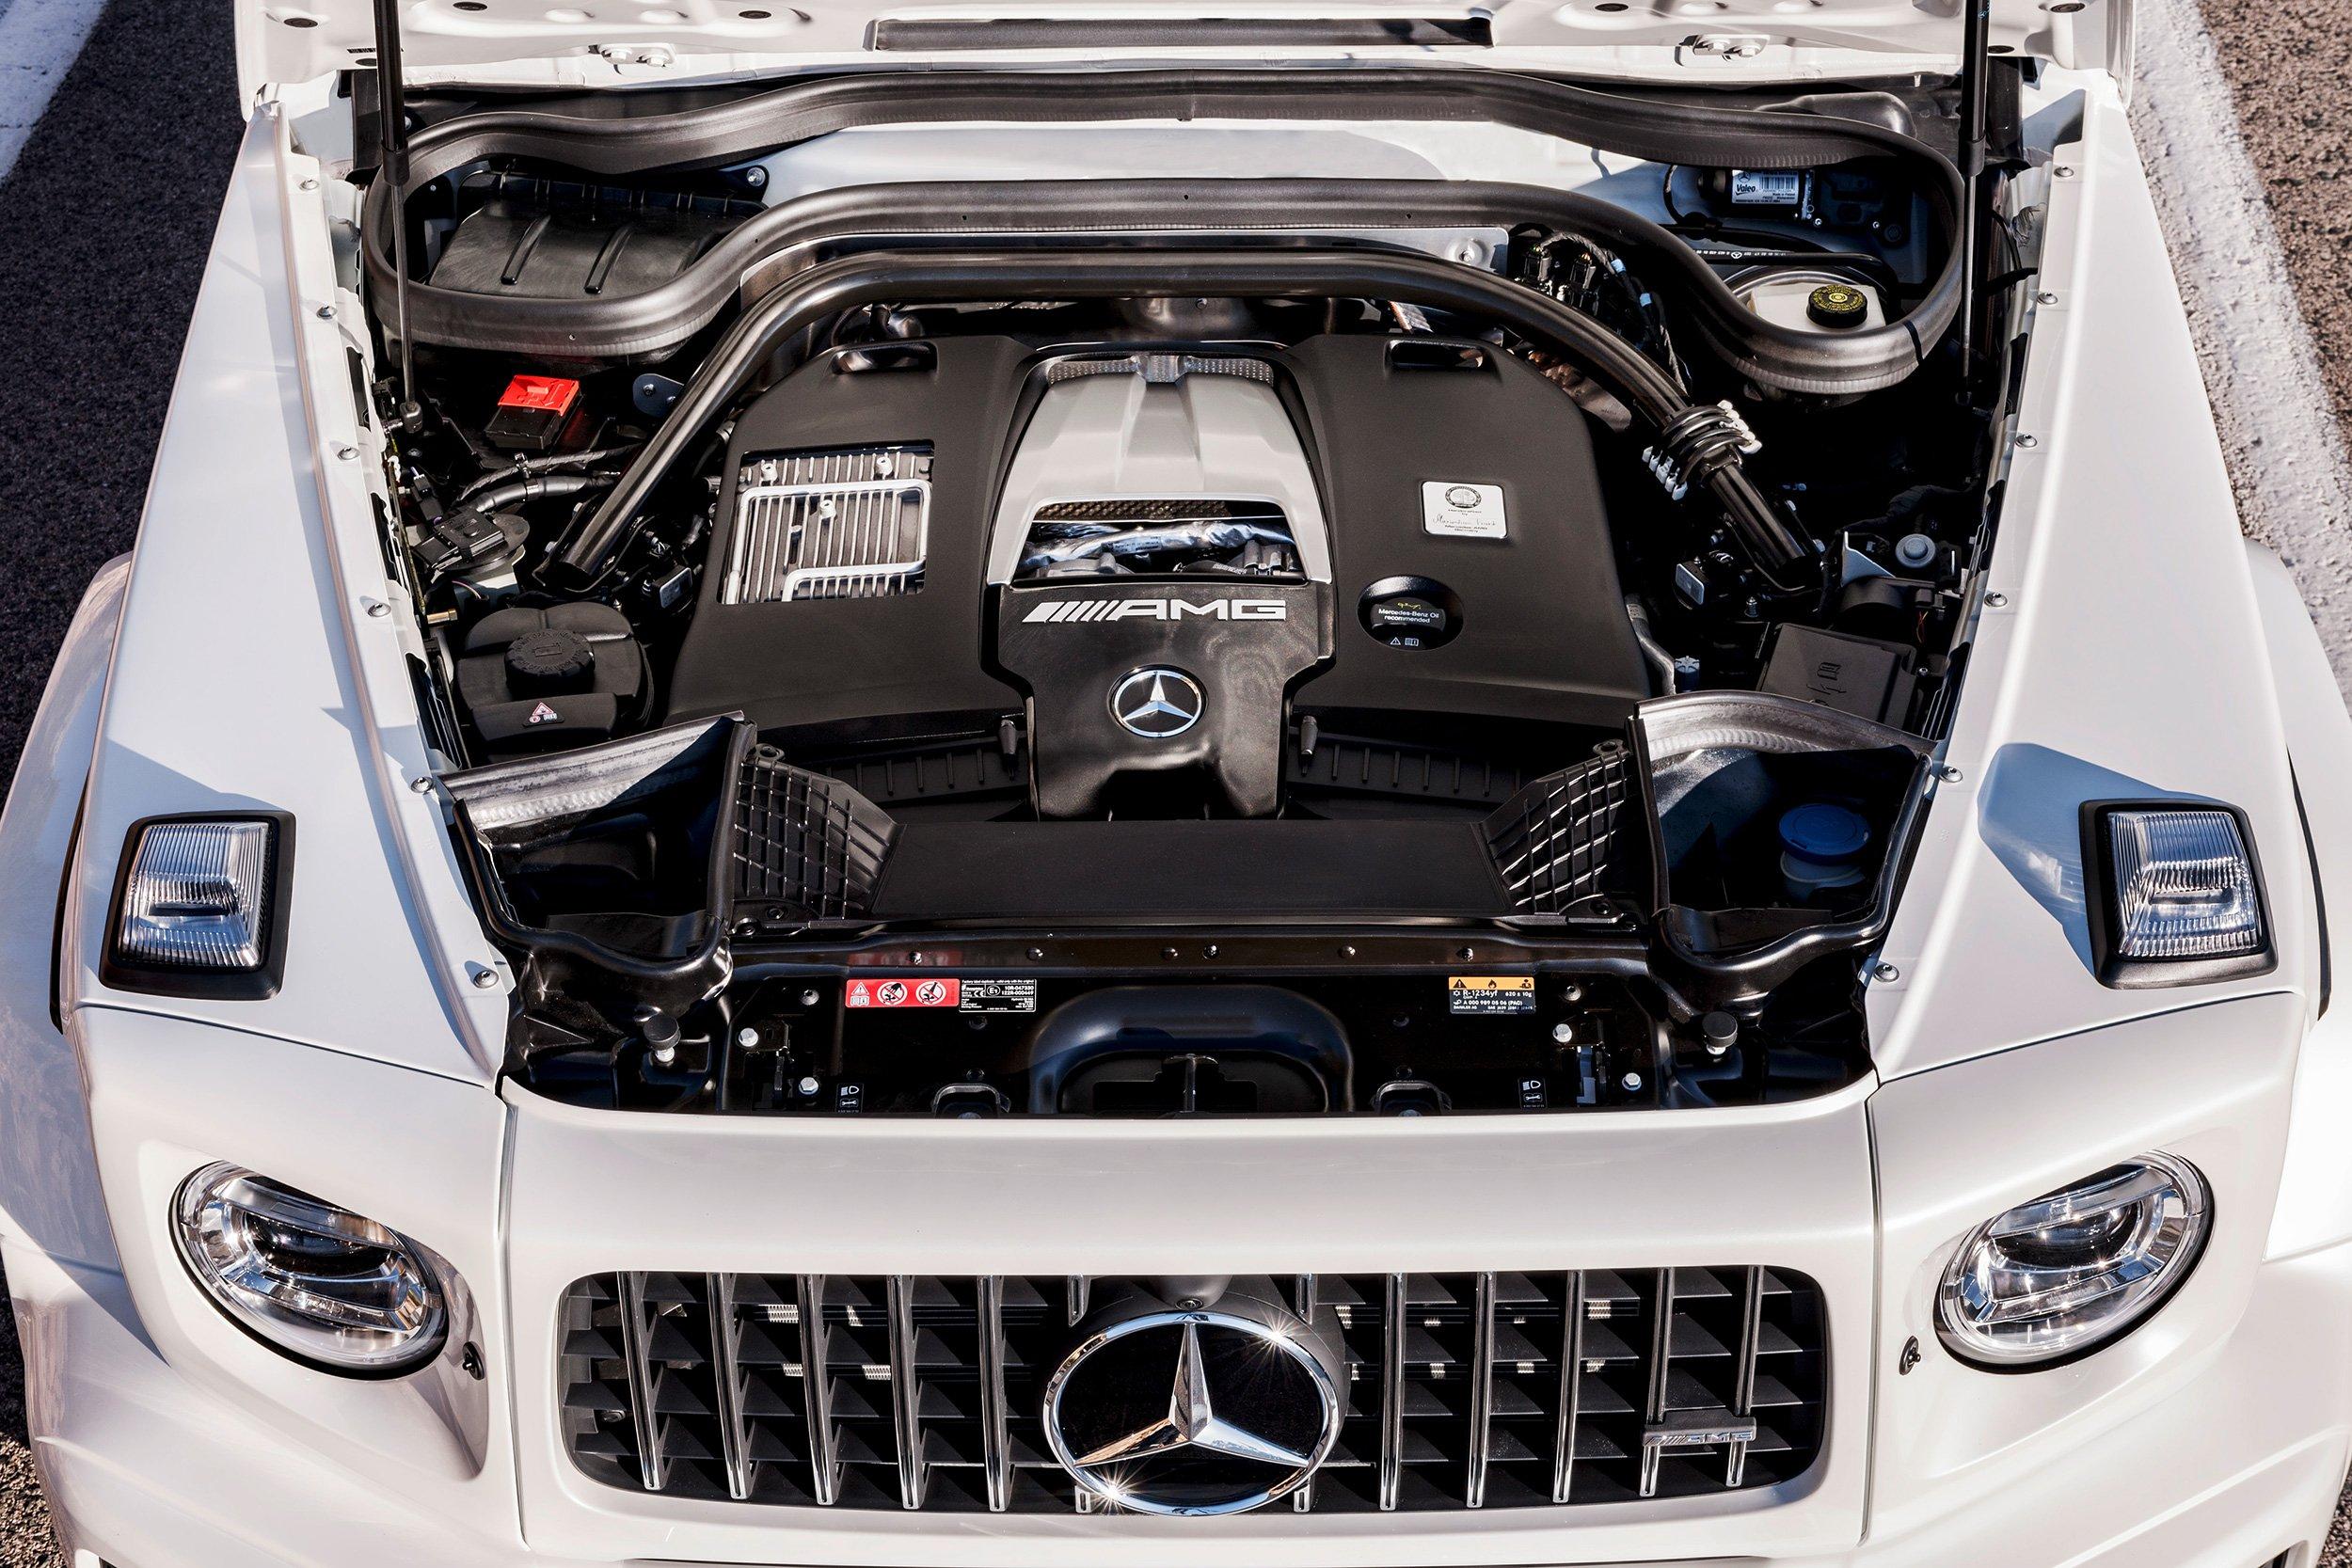 Neuvorstellung: Mercedes-AMG G 63 2018